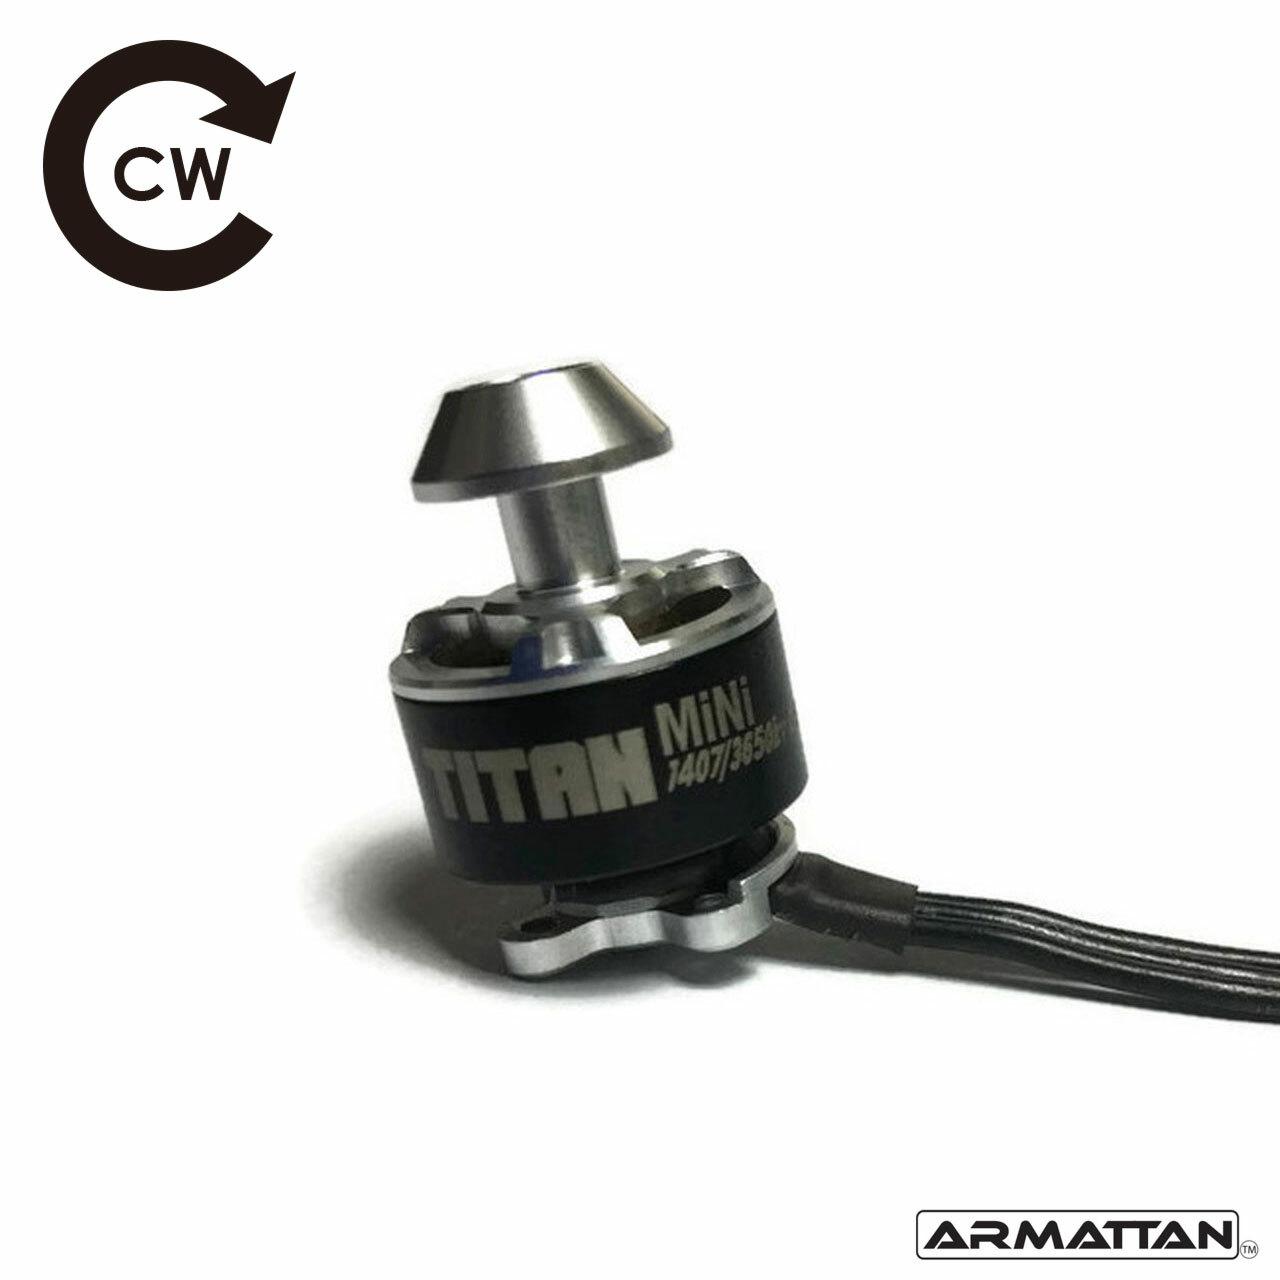 Armattan Oomph TITAN MiNi 1407/3650KV Motor/CW (1CW)